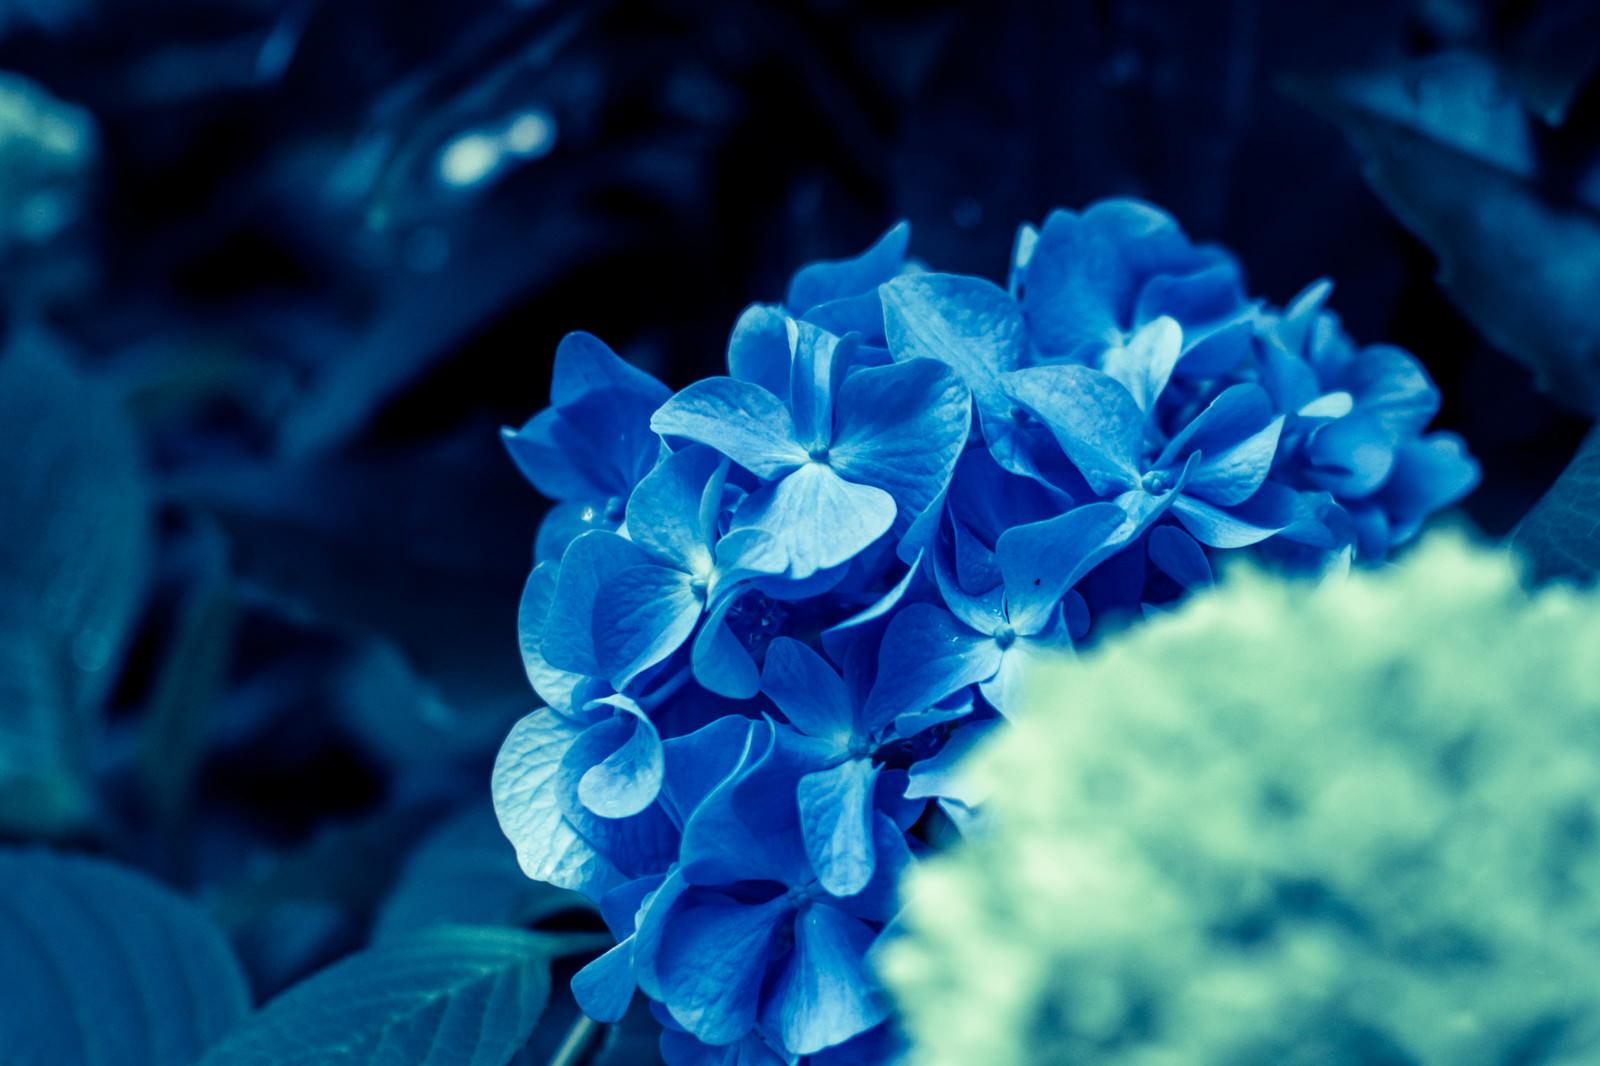 「あじさいの花あじさいの花」のフリー写真素材を拡大